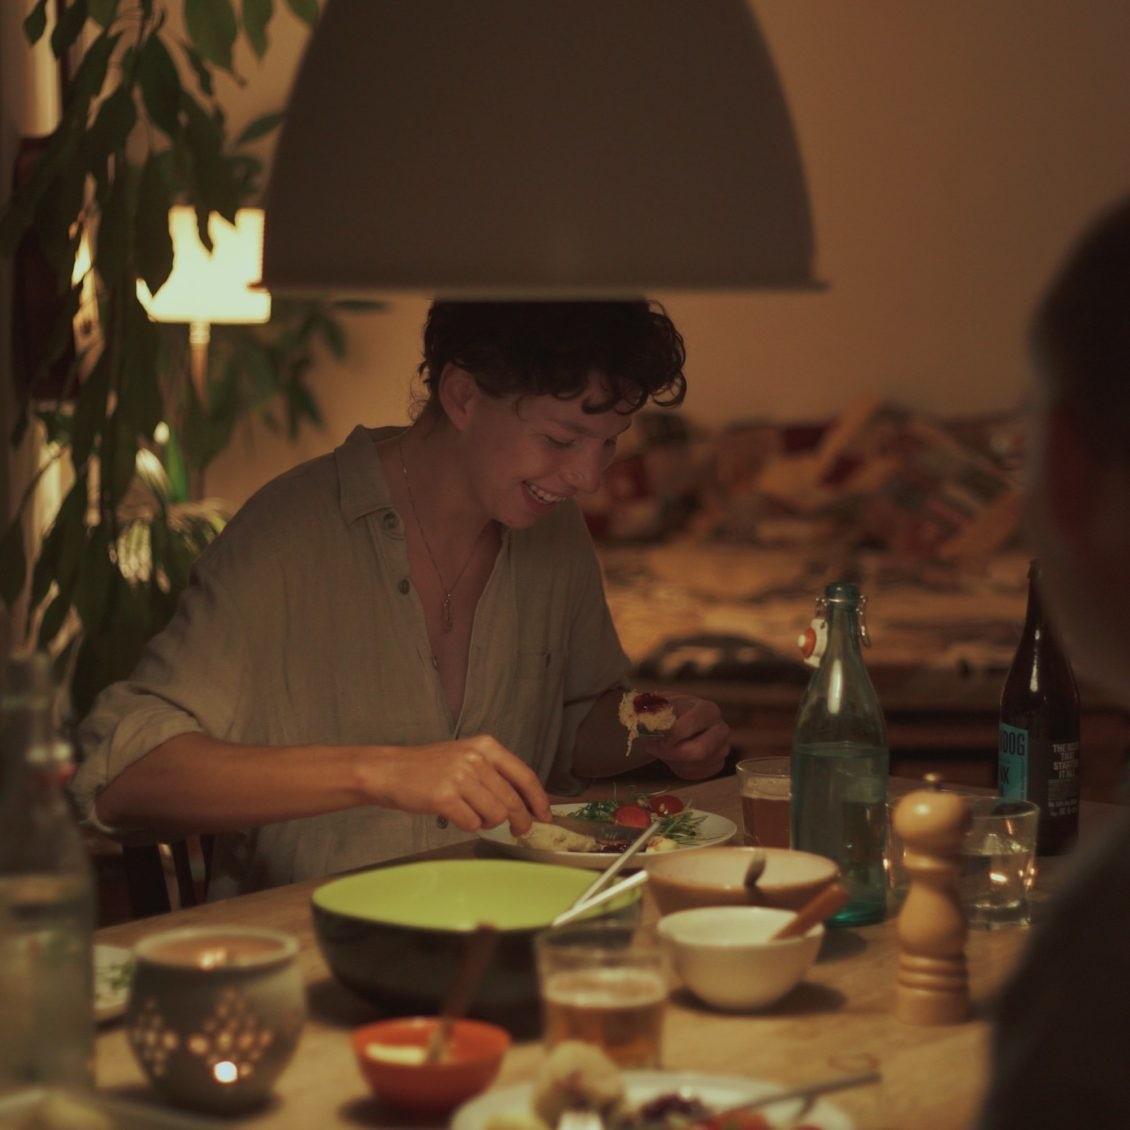 【北欧に暮らすひと】第4弾 後編:北欧の家庭料理と、音楽。コペンハーゲン在住、音楽家ルーさんの夜の過ごしかた